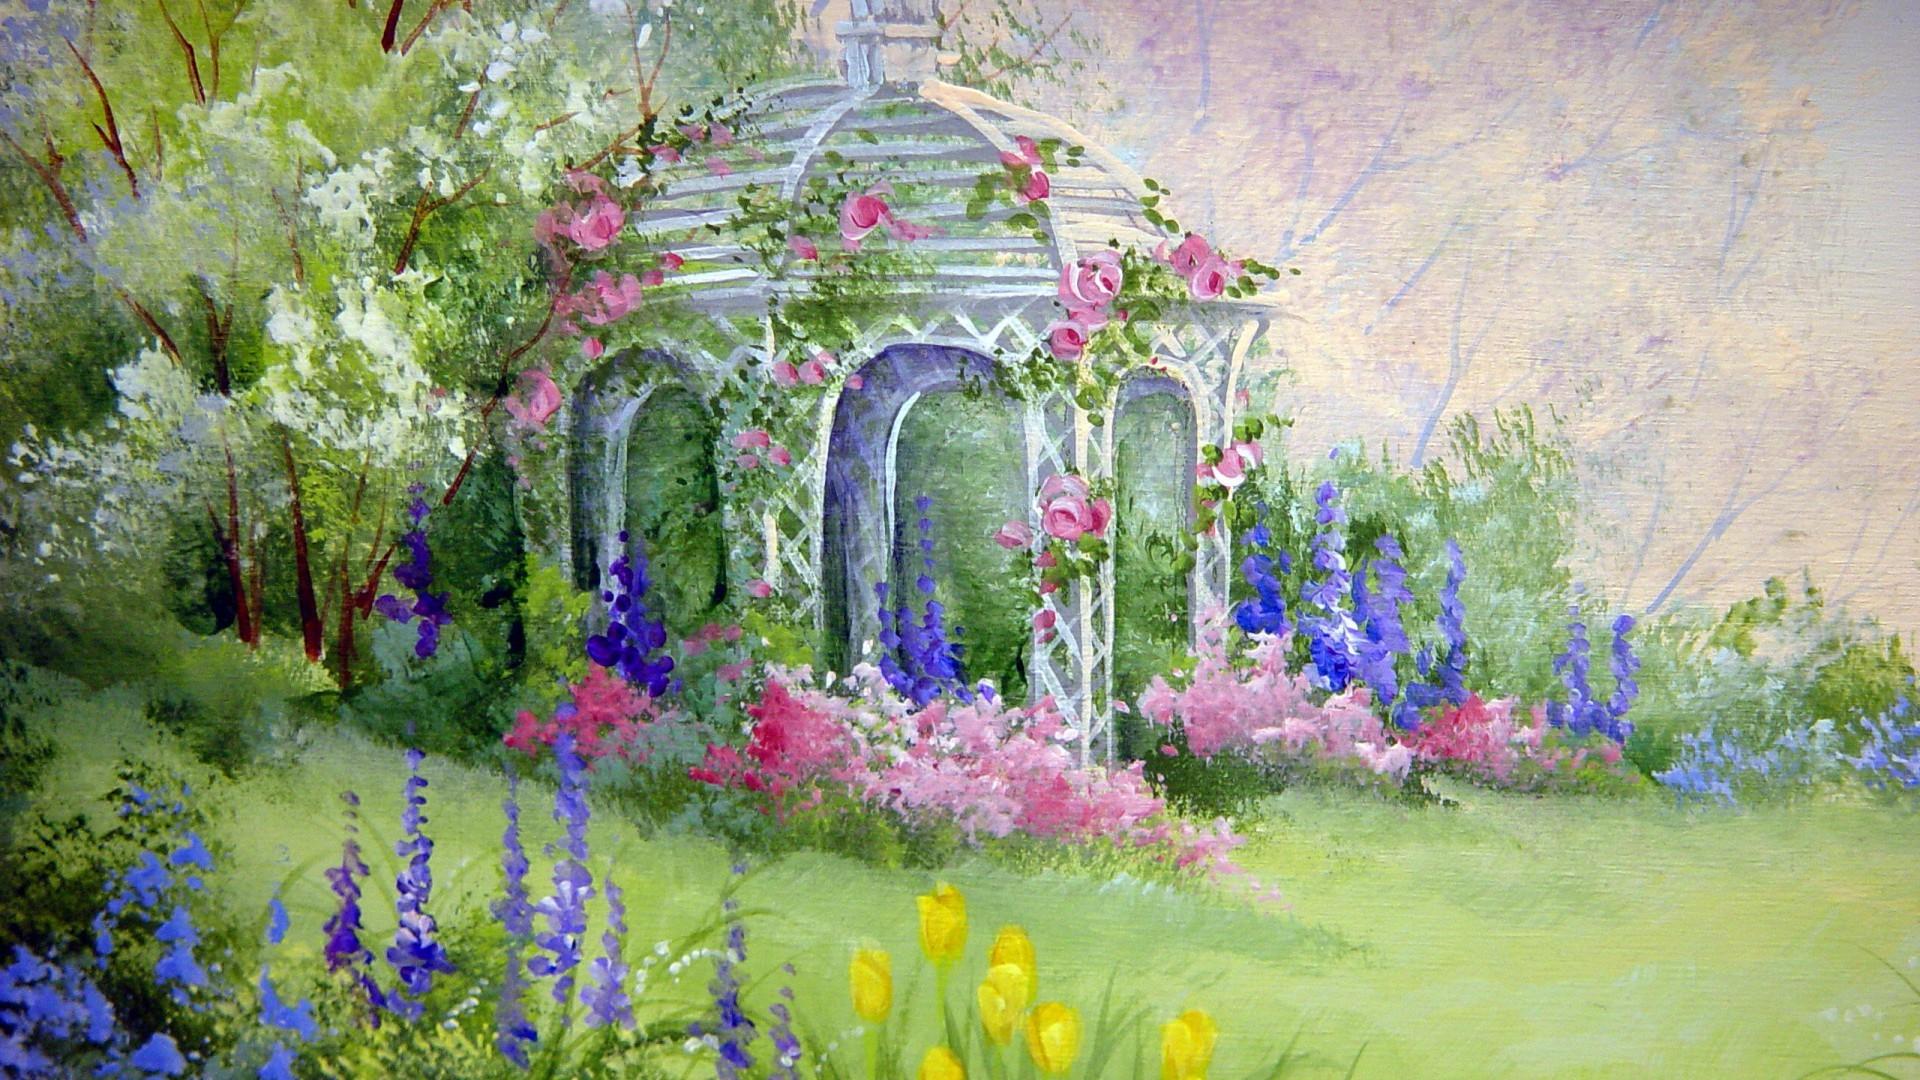 Flower Garden Hd Wallpaper 491318 Jpg